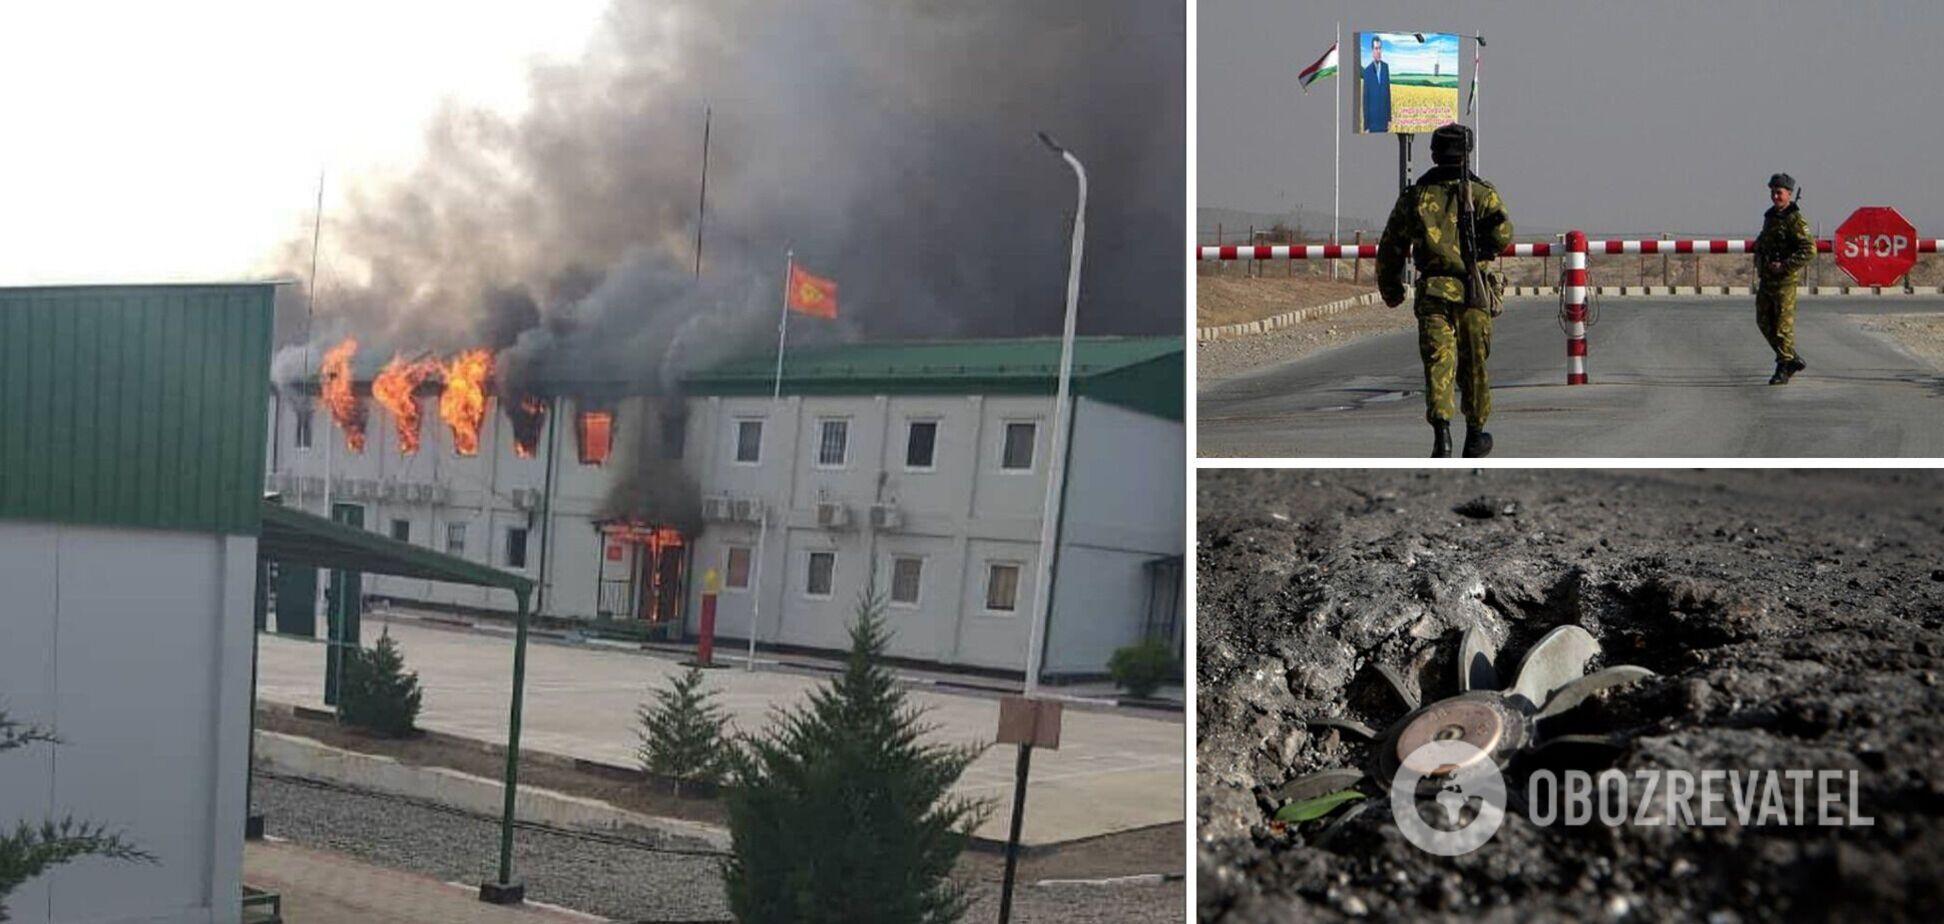 Кыргызстан и Таджикистан обвинили друг друга в эскалации на границе